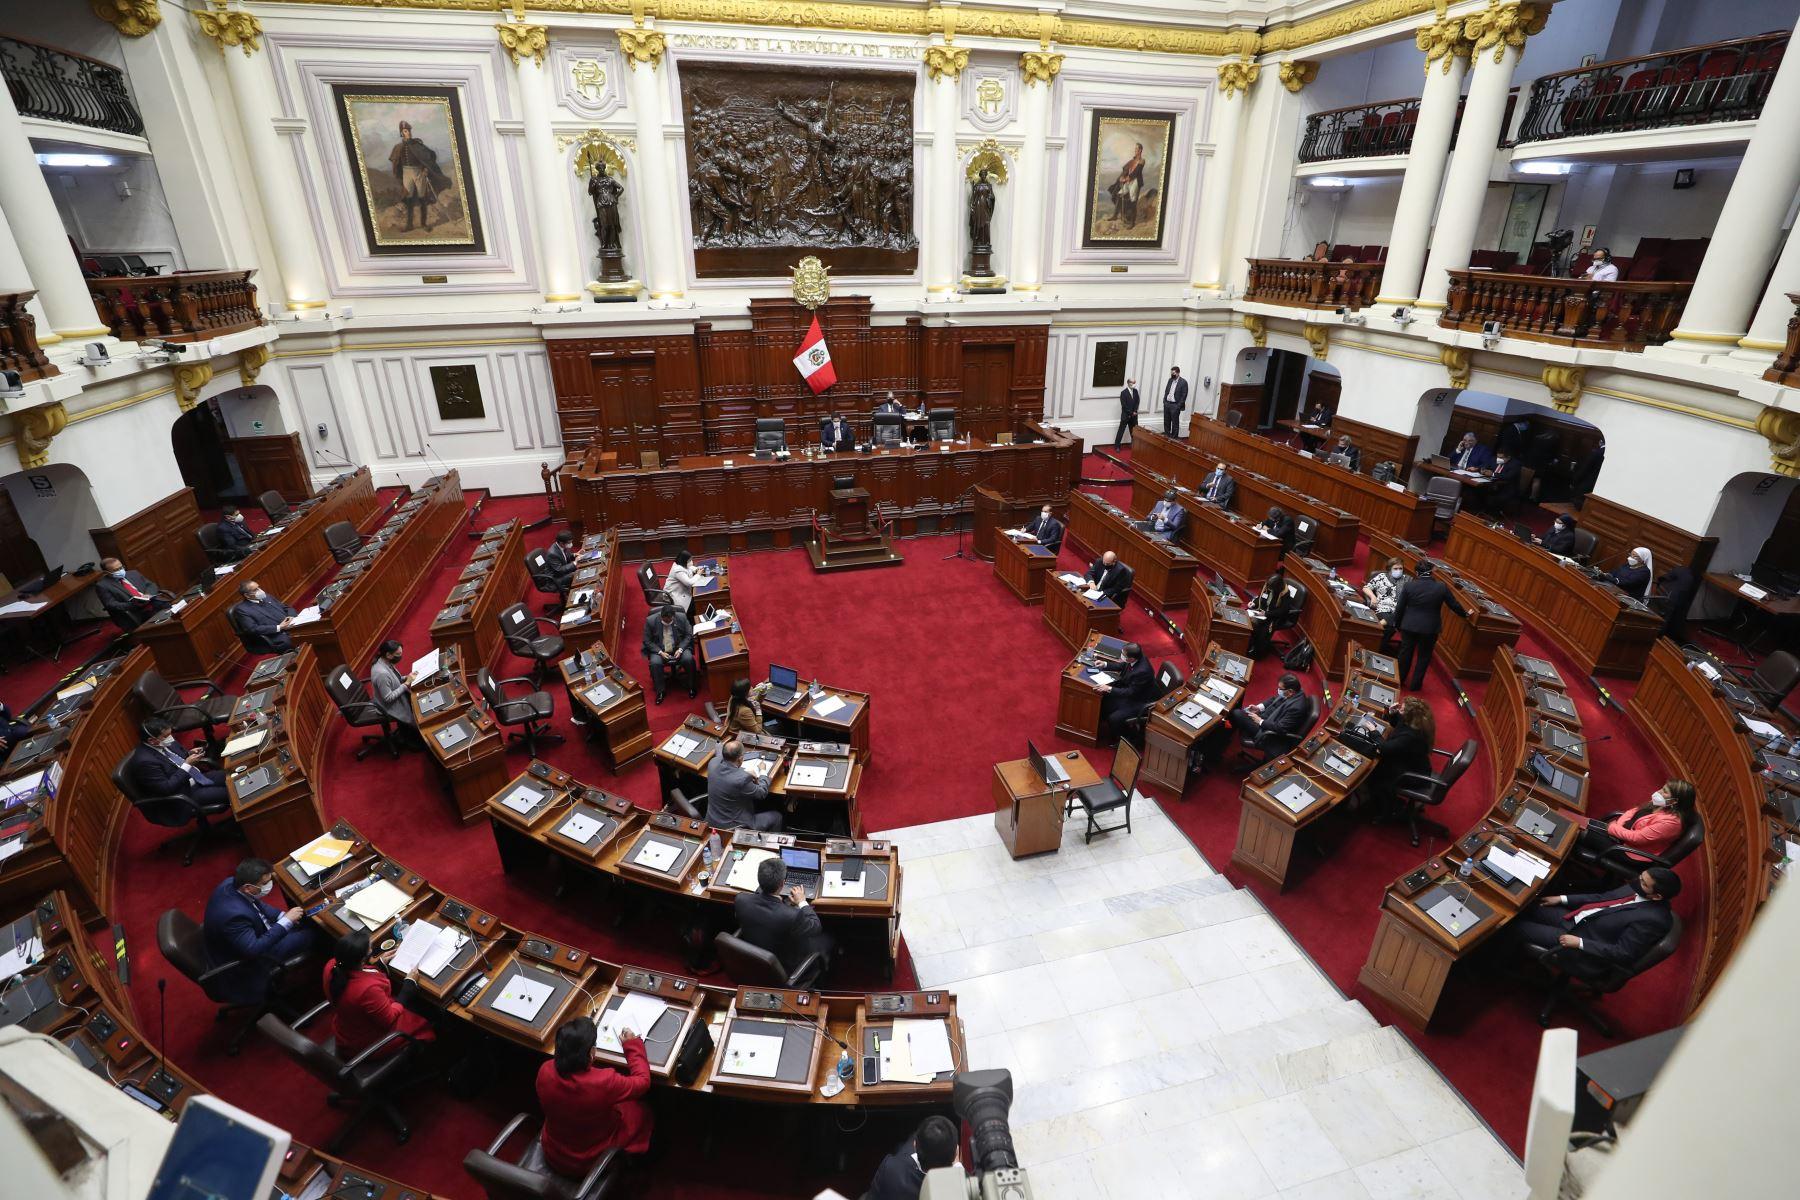 Primer ministro Walter Martos, se presenta ante el Congreso para exponer políticas del Gobierno y solicitar el voto de confianza.  Foto: ANDINA/PCM